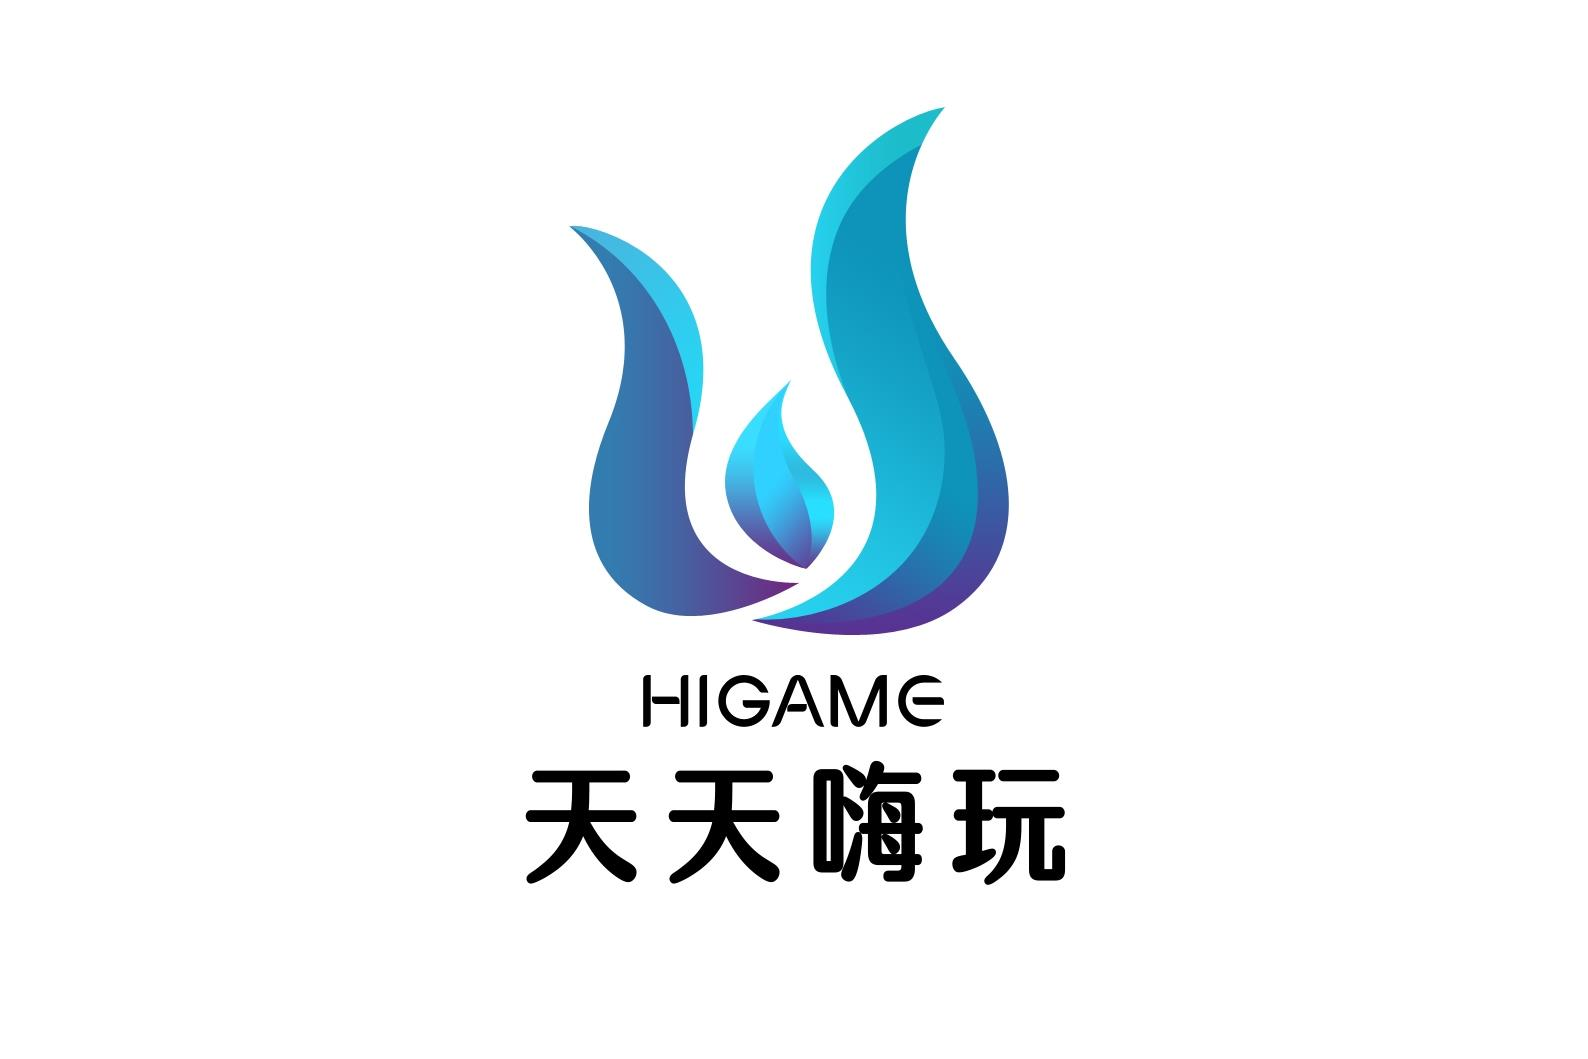 深圳天天嗨玩网络科技有限公司